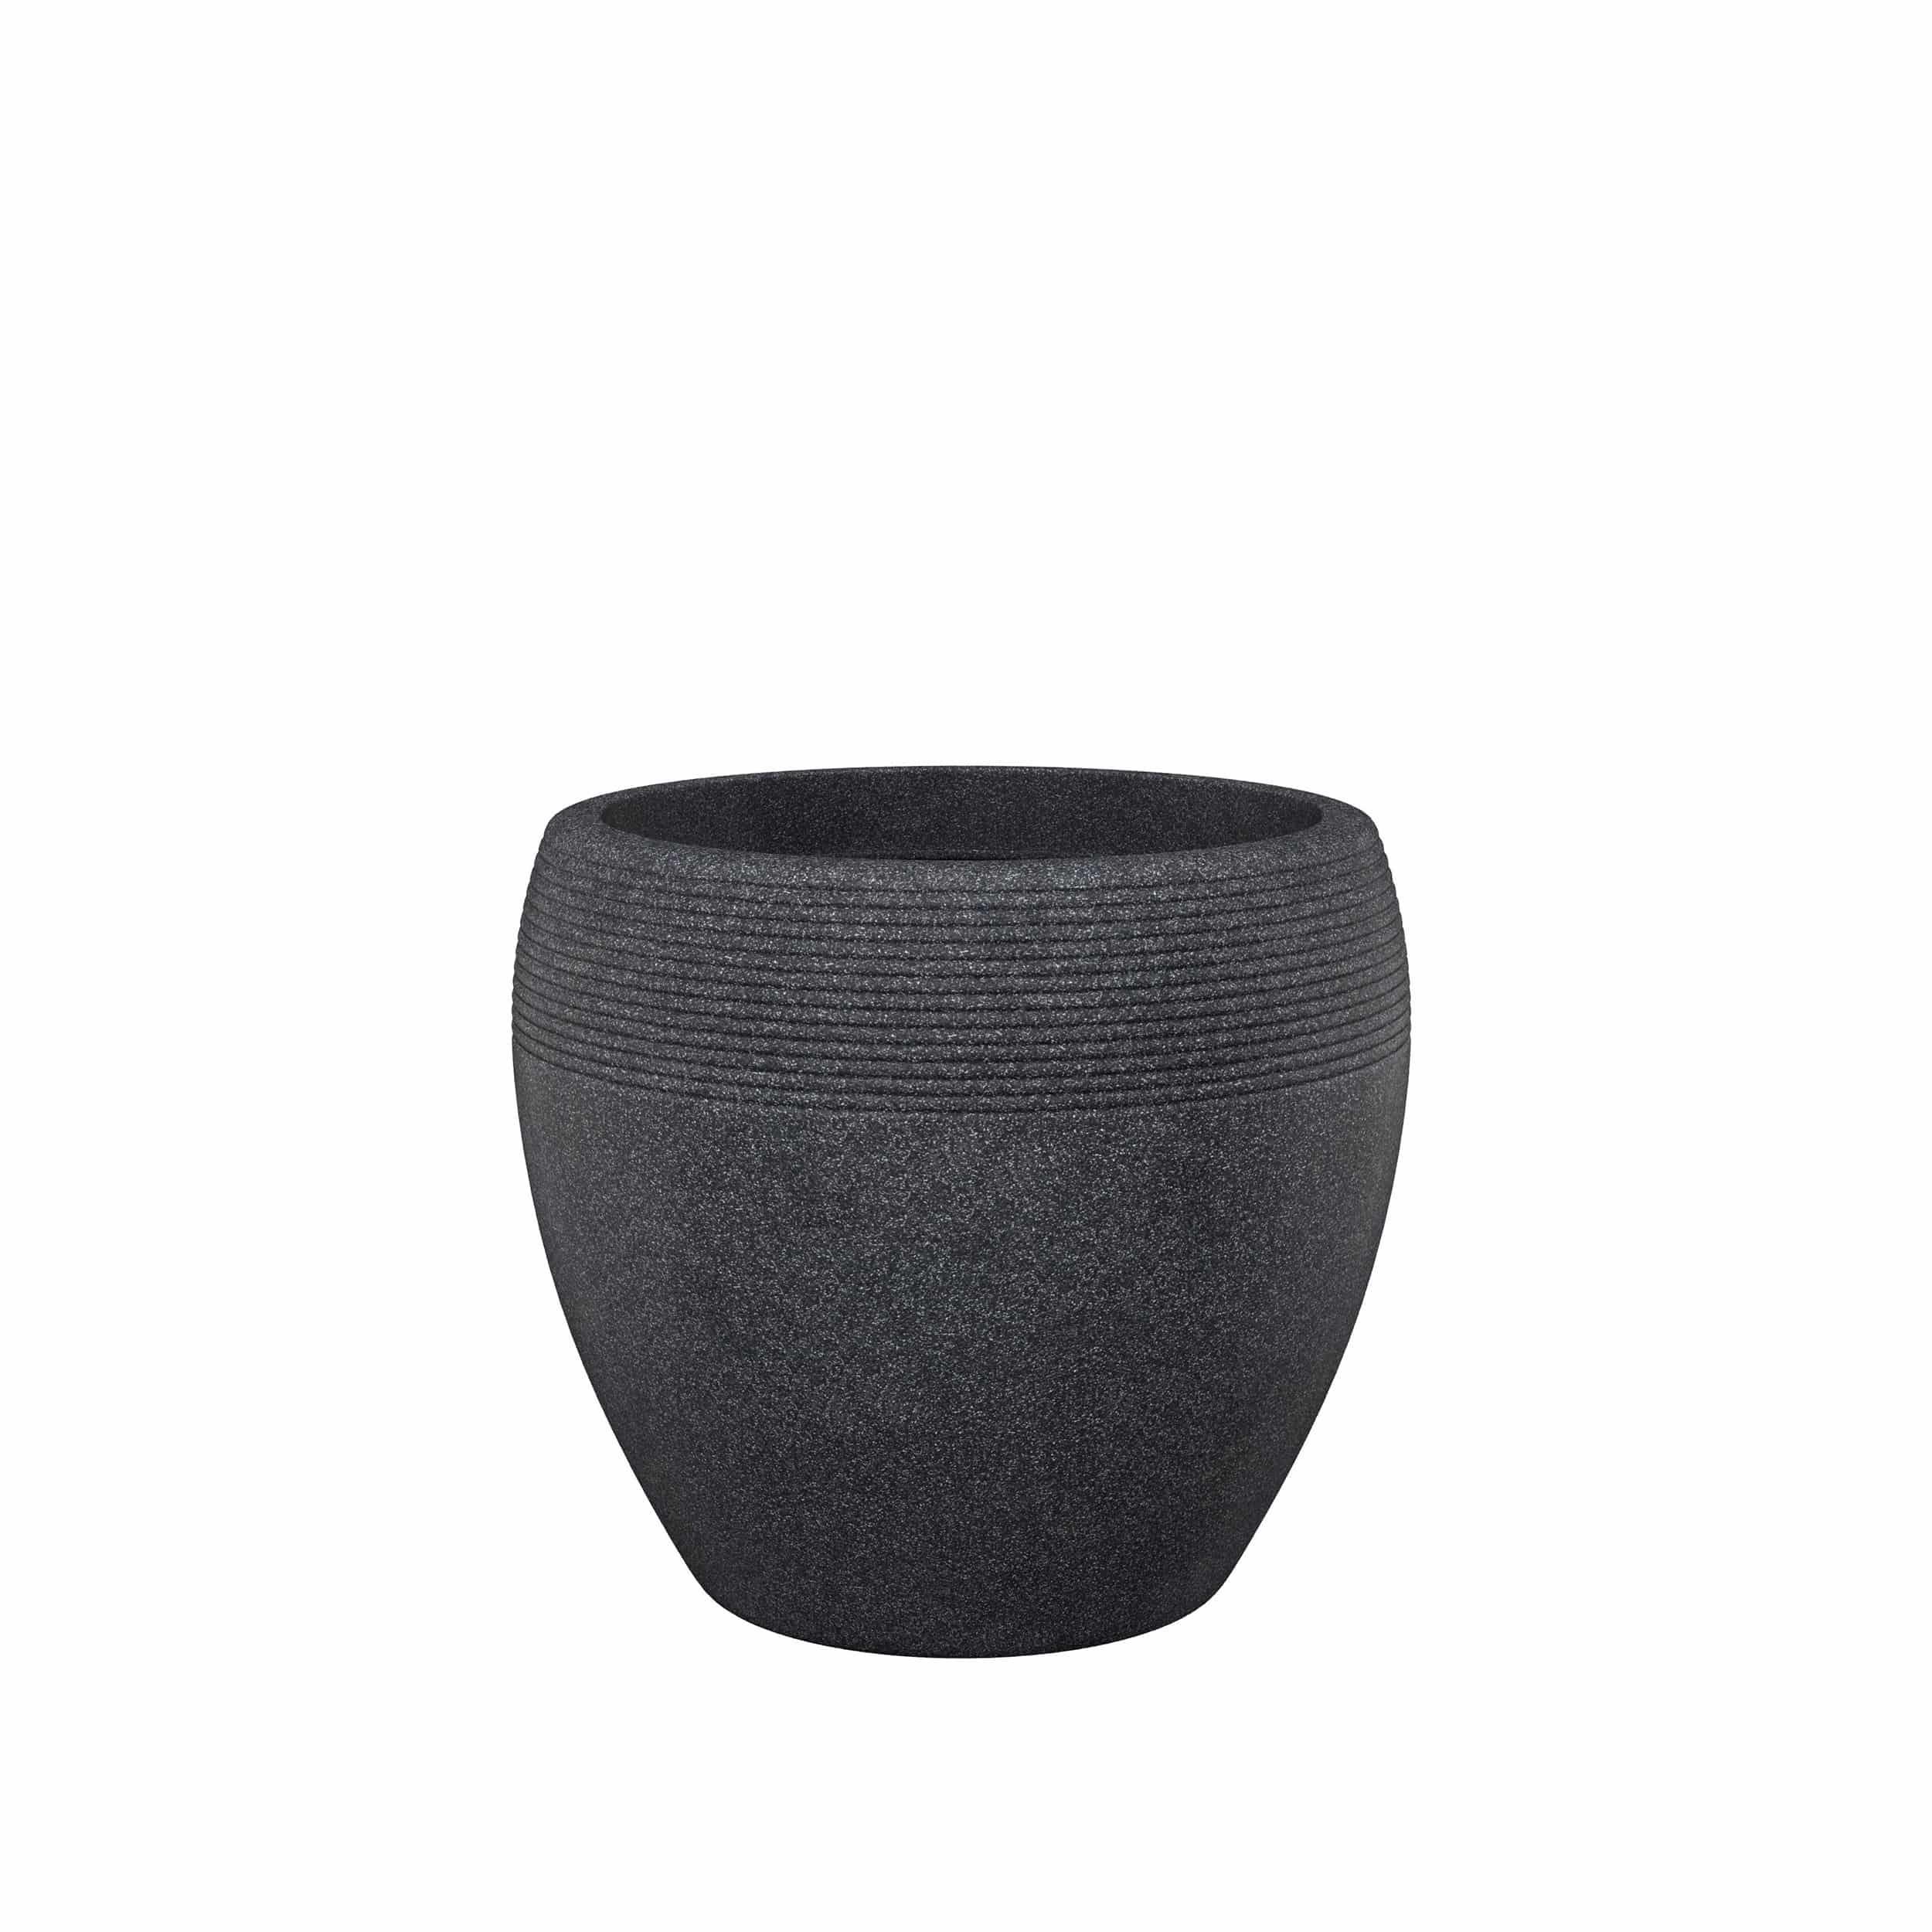 Blumenkübel Lineo D48 cm schwarz